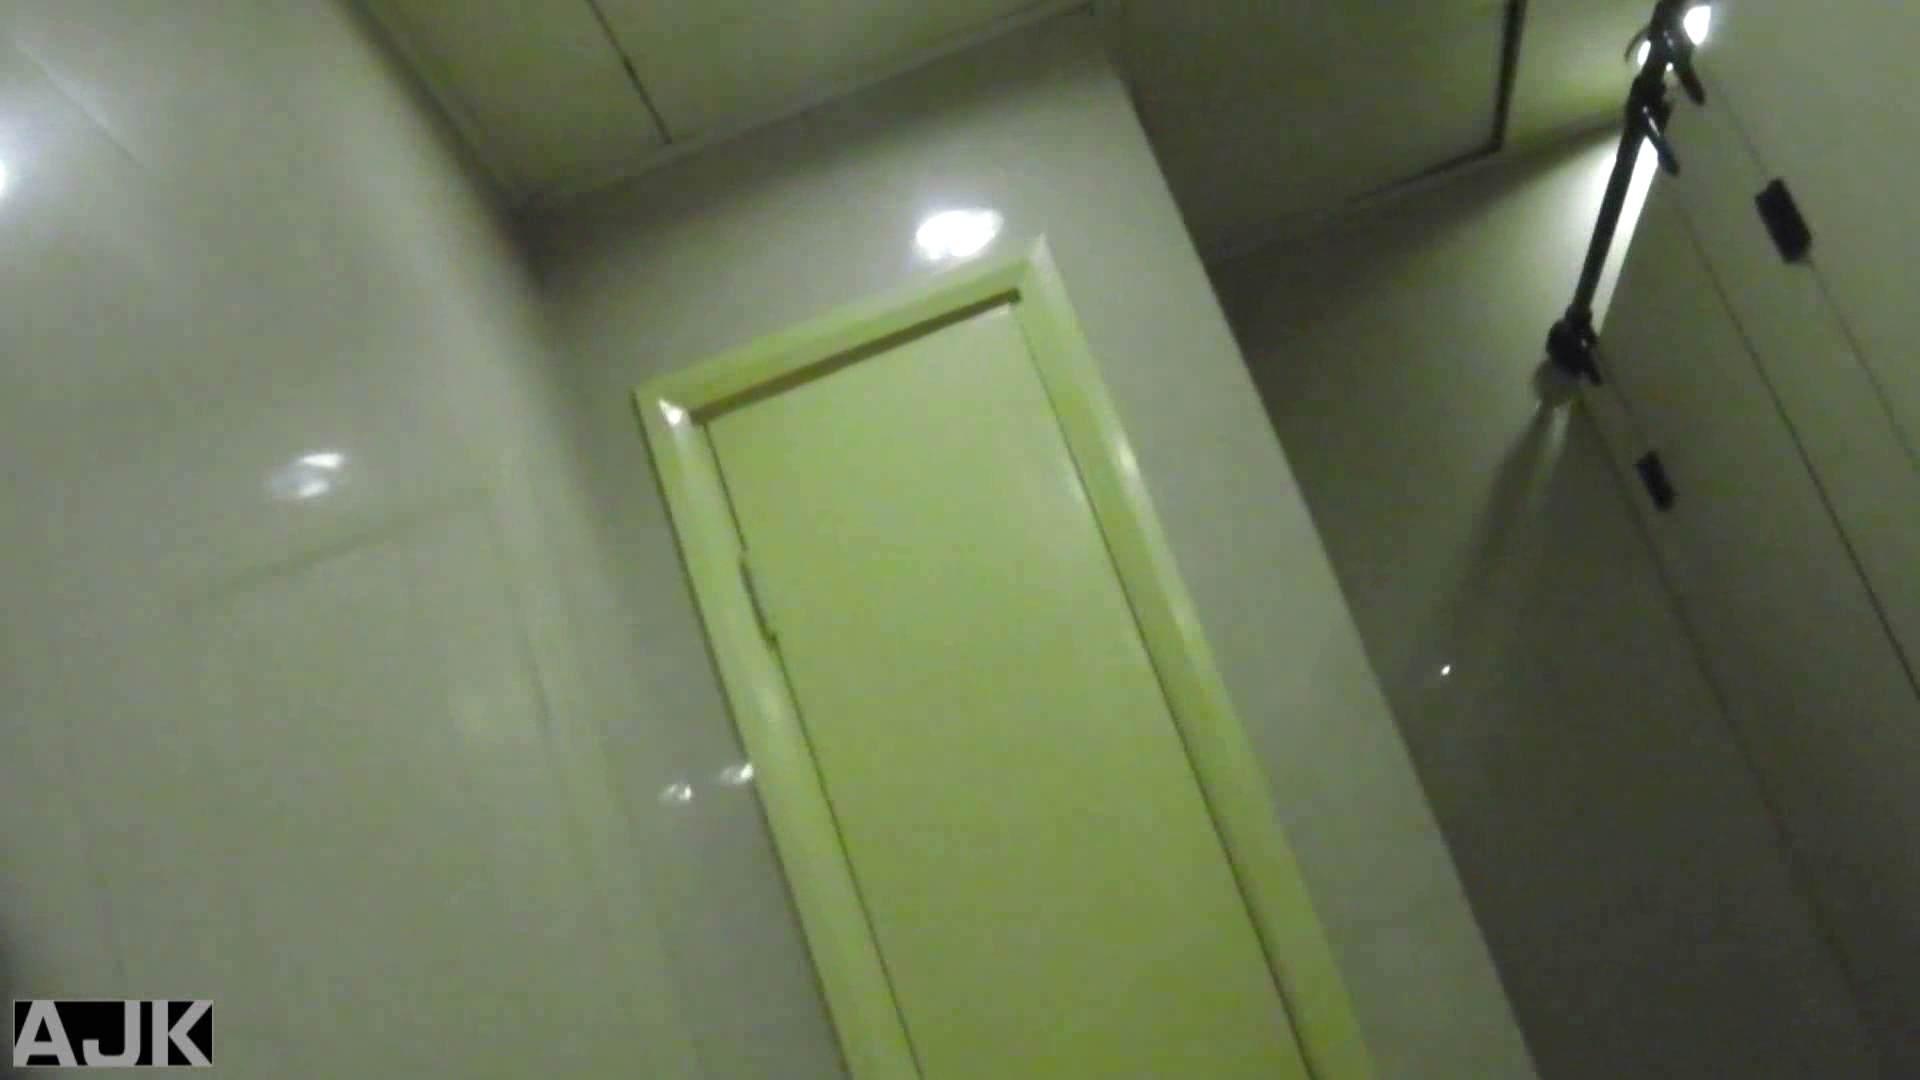 隣国上階級エリアの令嬢たちが集うデパートお手洗い Vol.15 盗撮で悶絶 すけべAV動画紹介 106画像 69